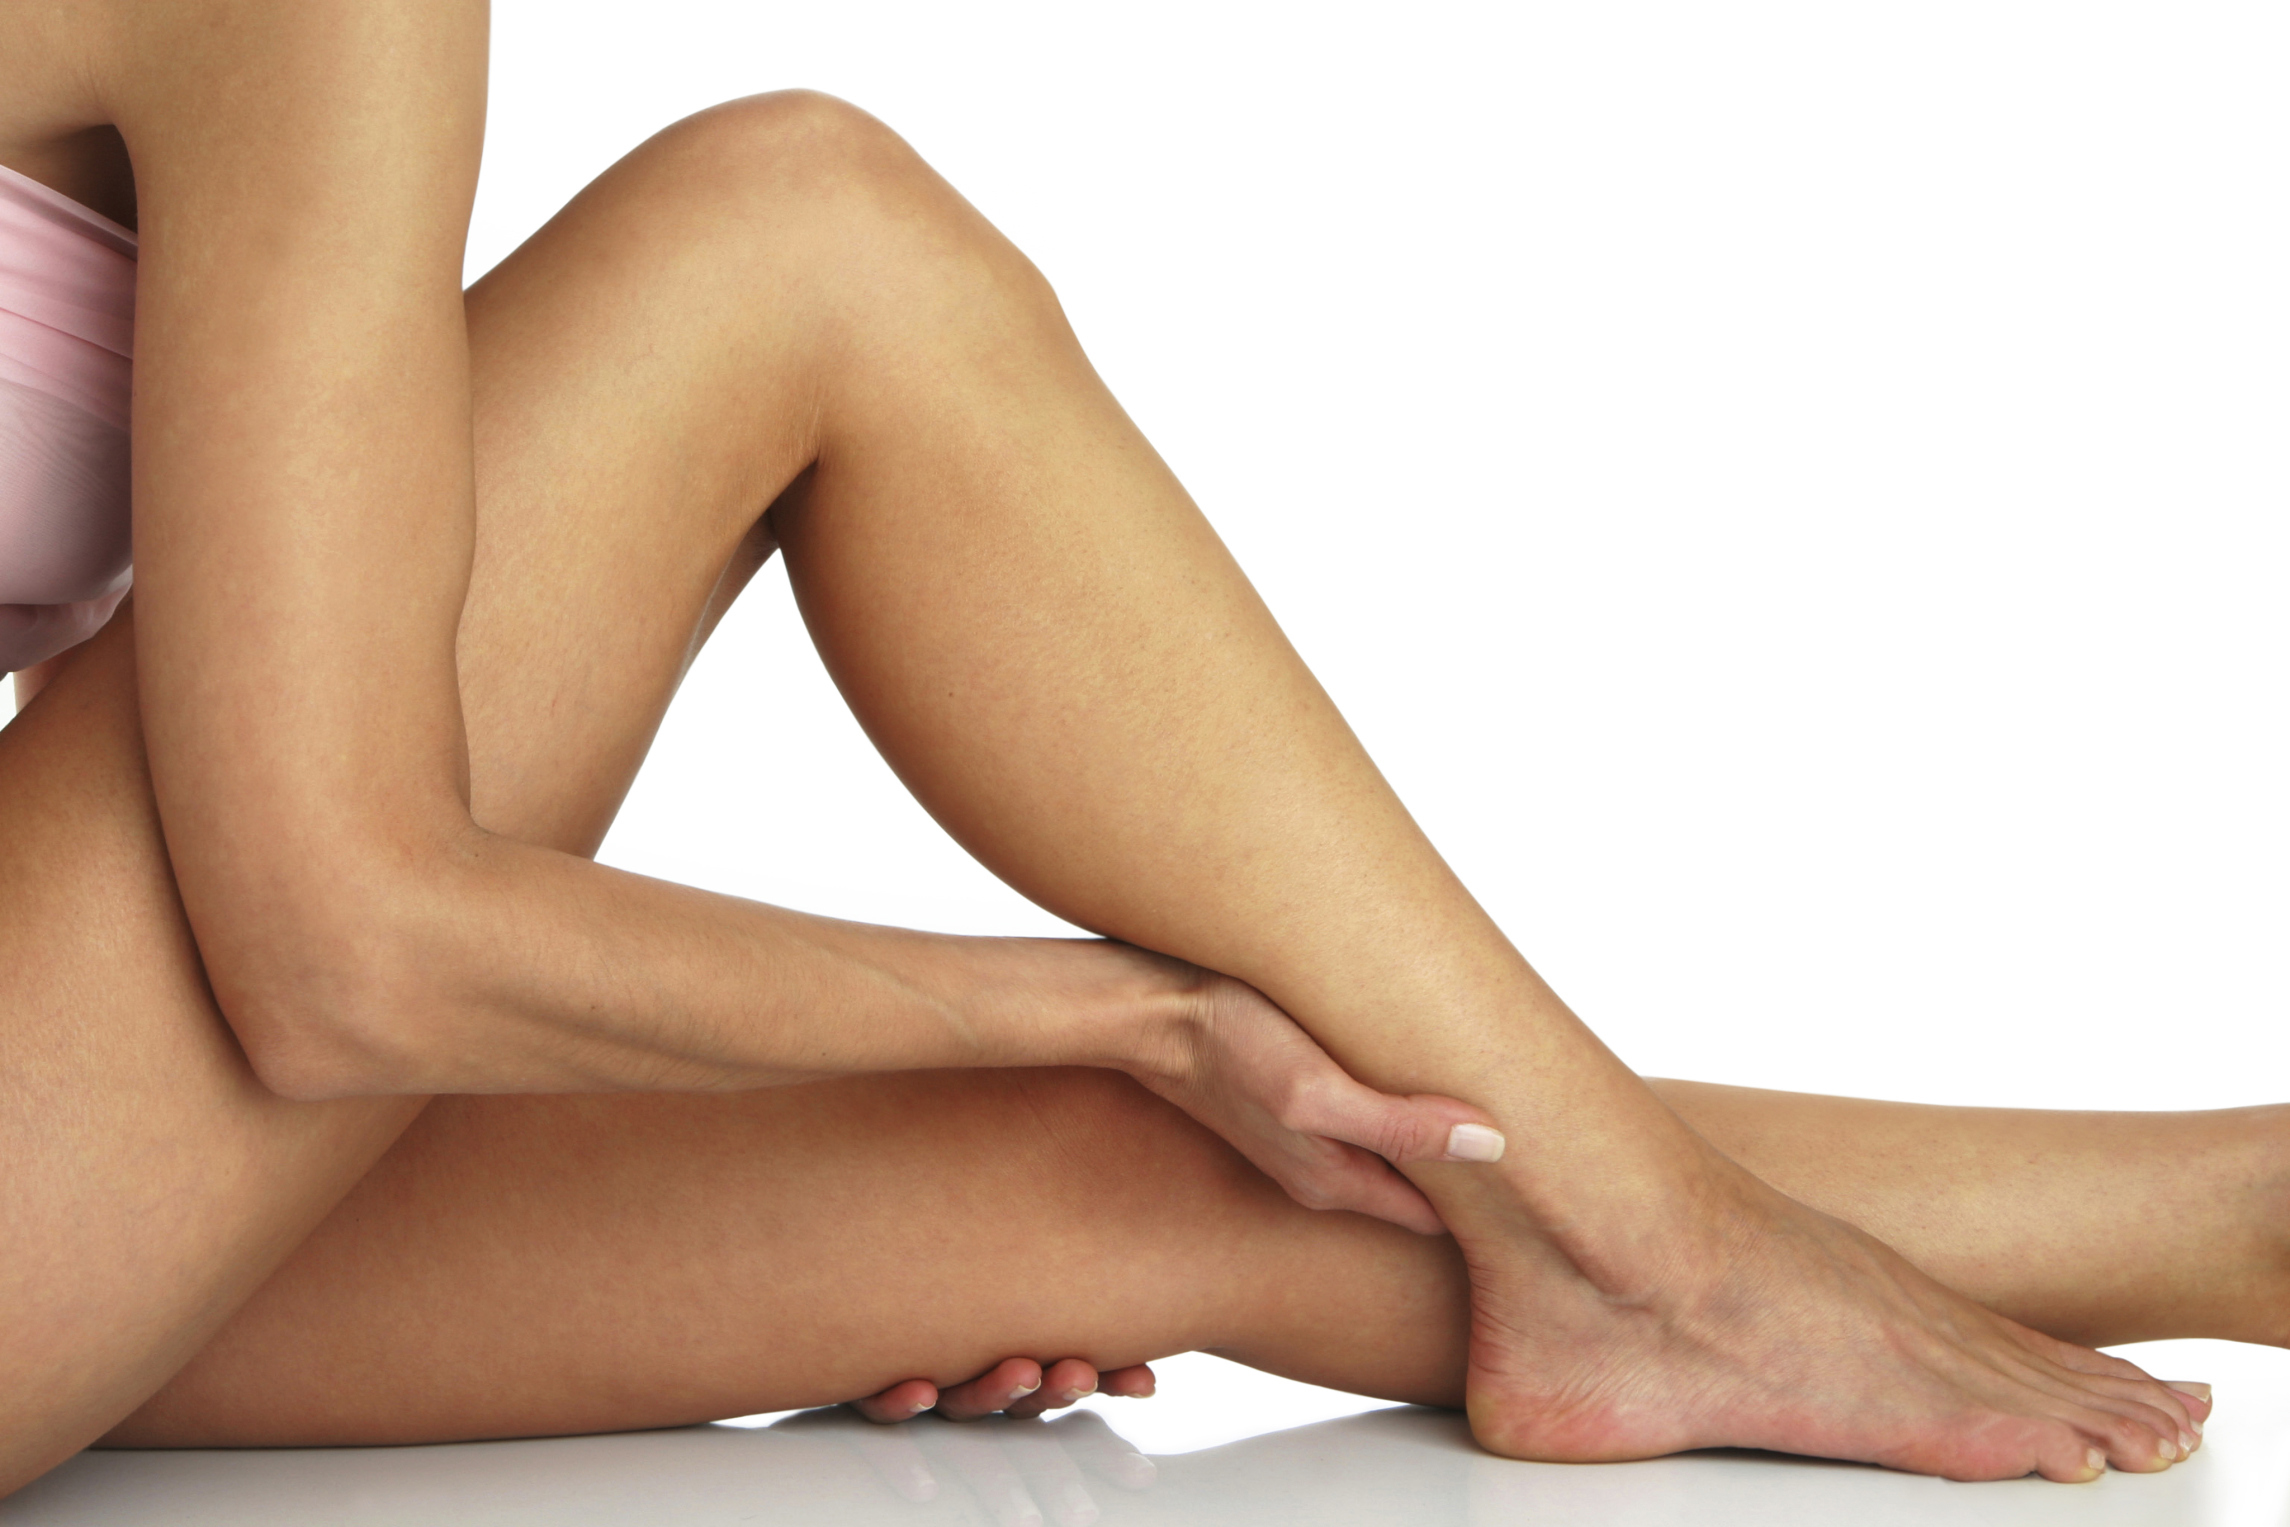 férfiaknál az egyik lábán visszerek mennyibe kerül a visszérműtét?